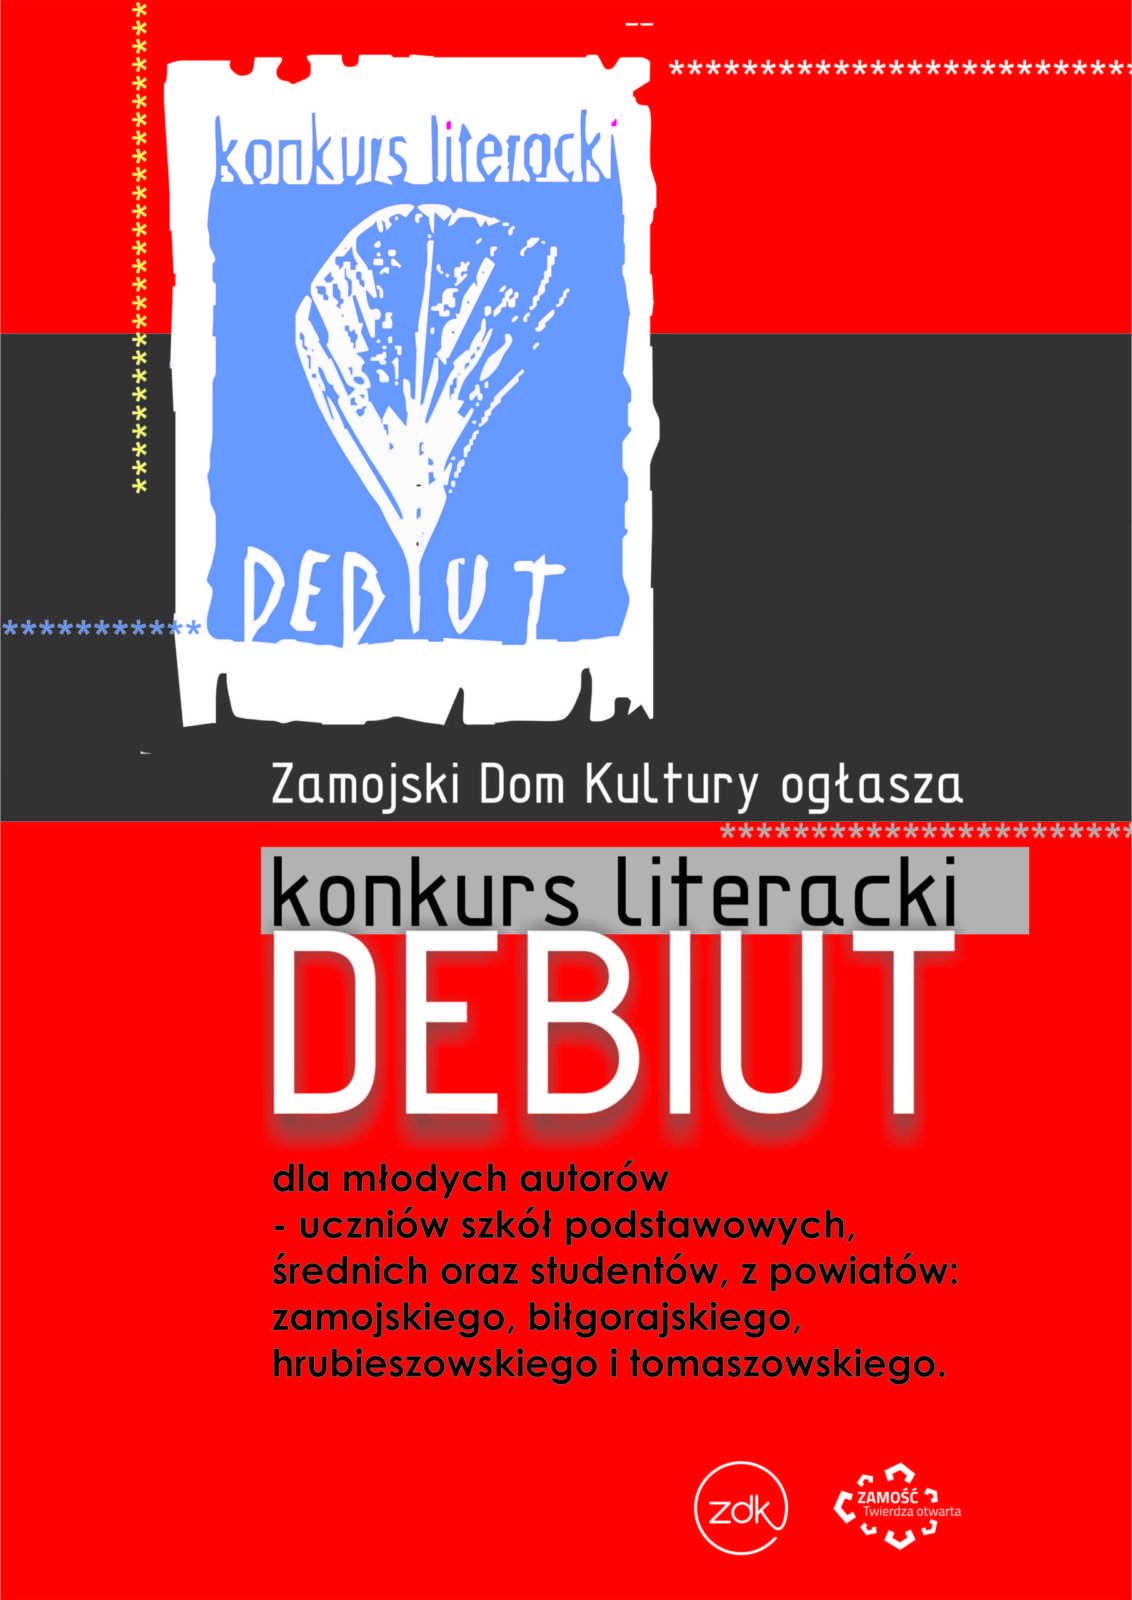 19 debiut plakat mediaimageoptim scaled 1 Literacki debiut - konkurs w ZDK-u